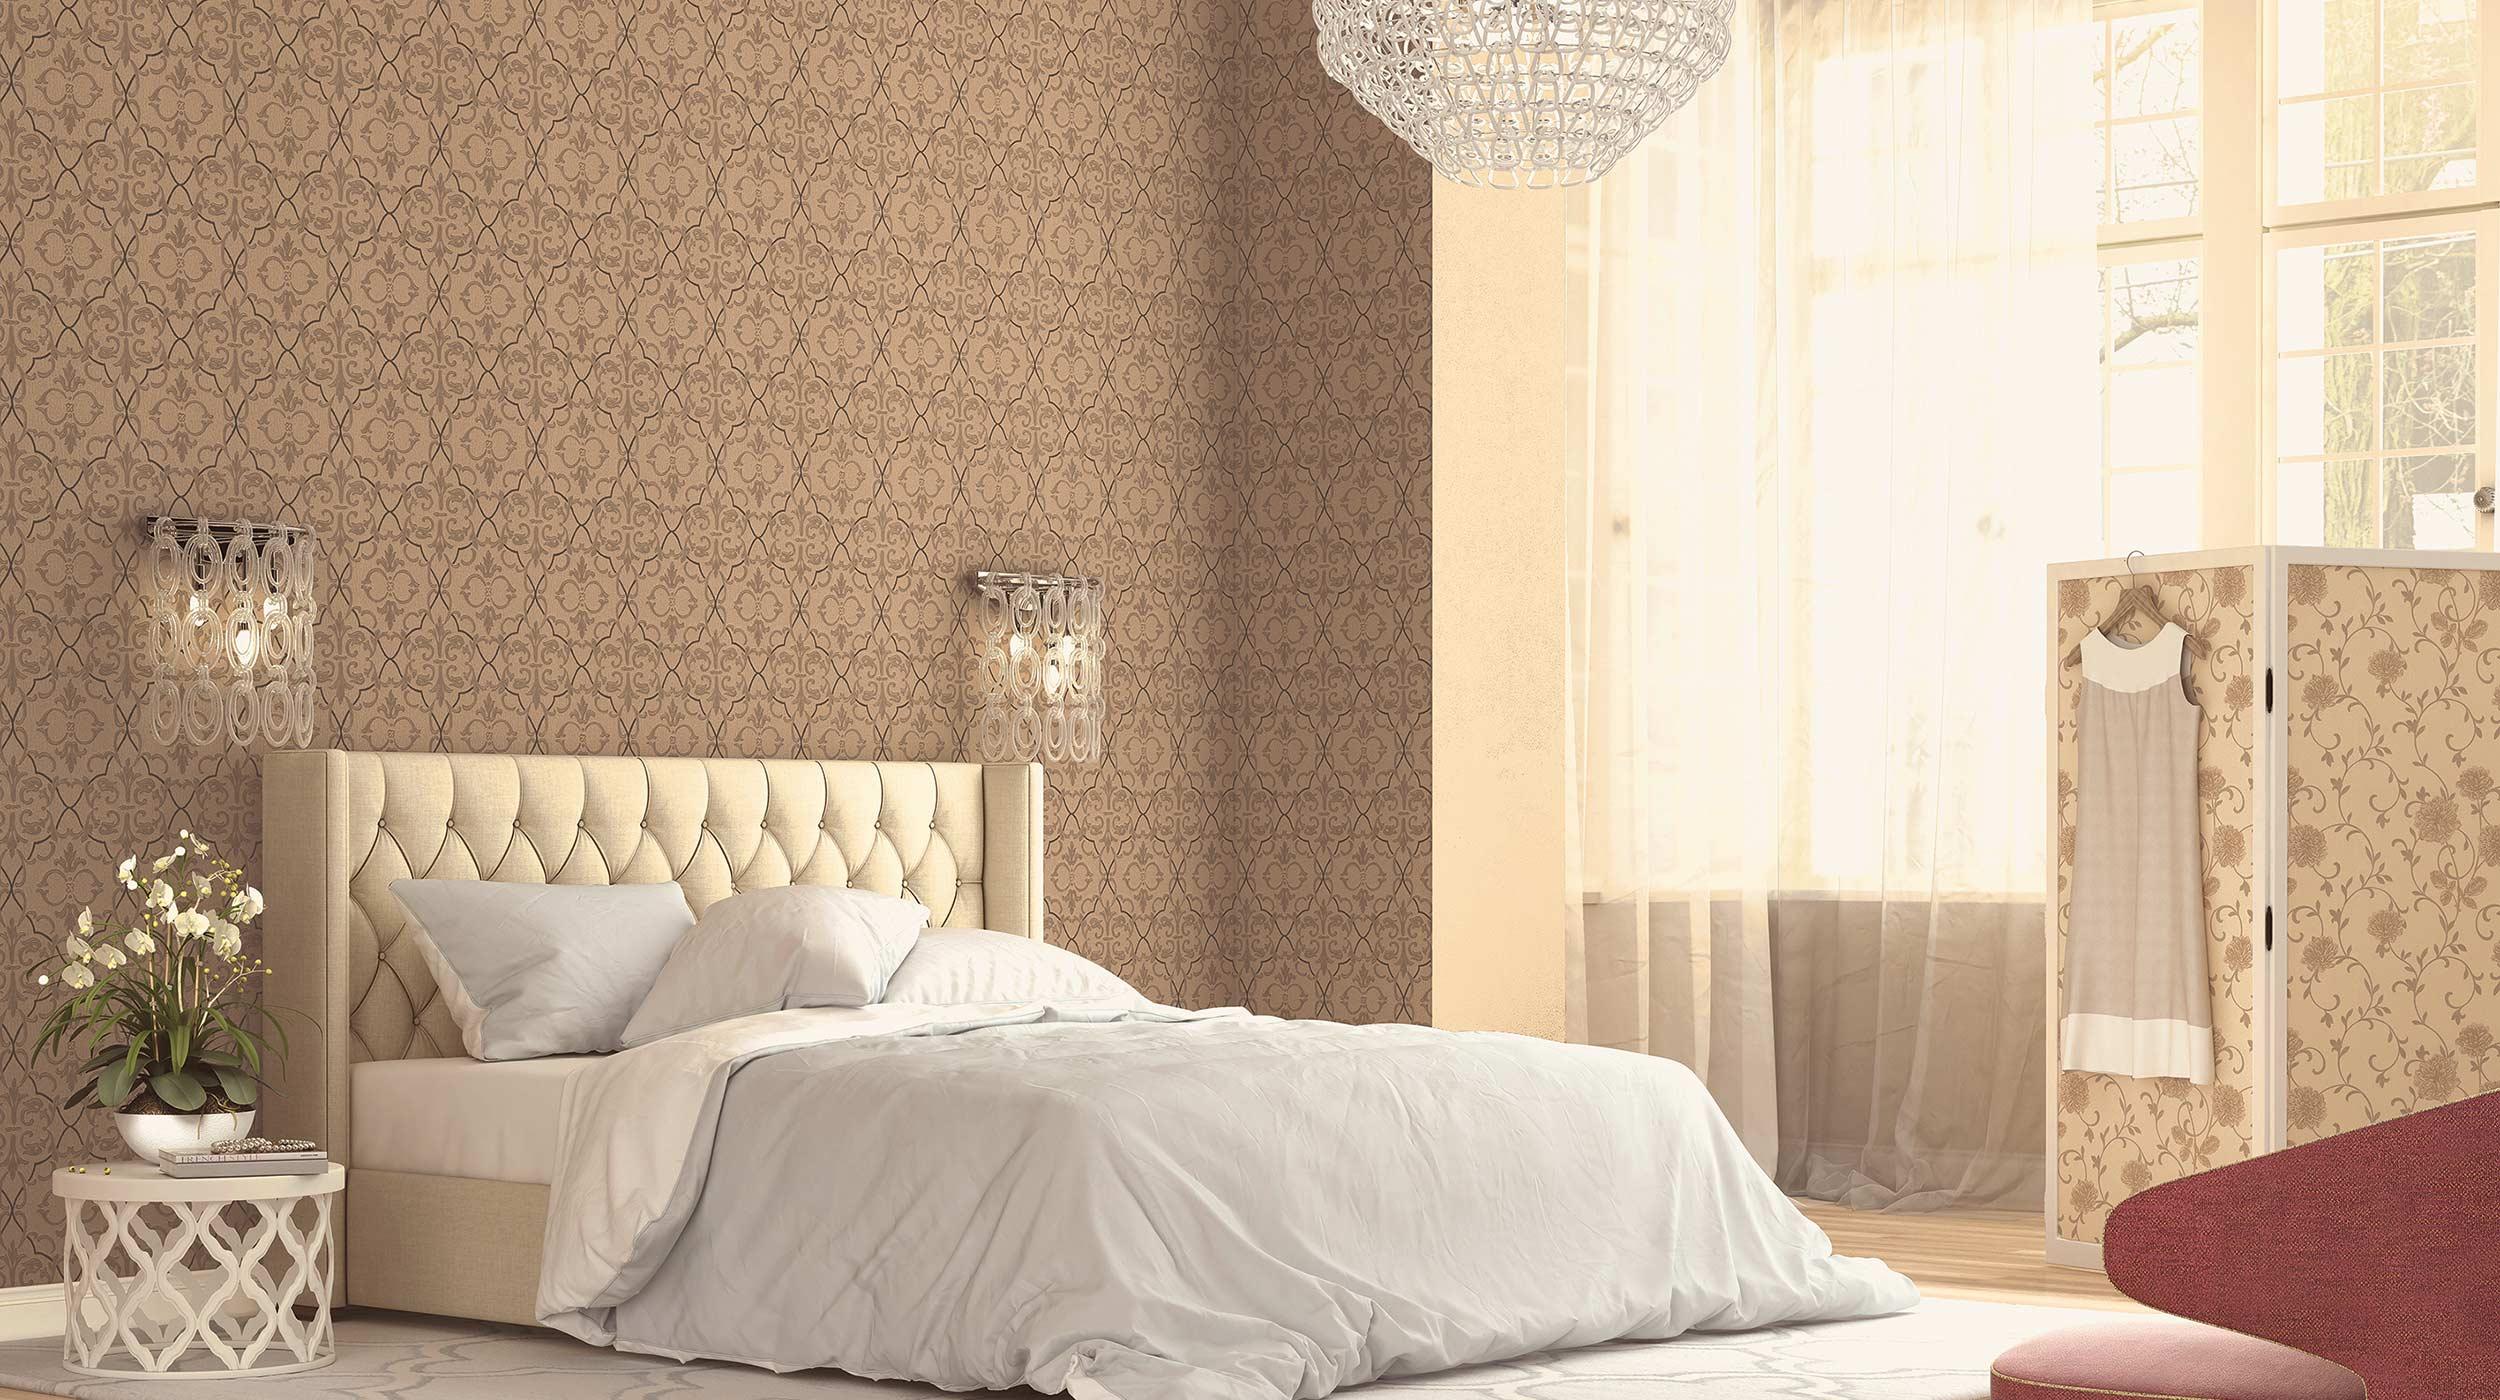 Schlafzimmer vliestapete - Vliestapete schlafzimmer ...